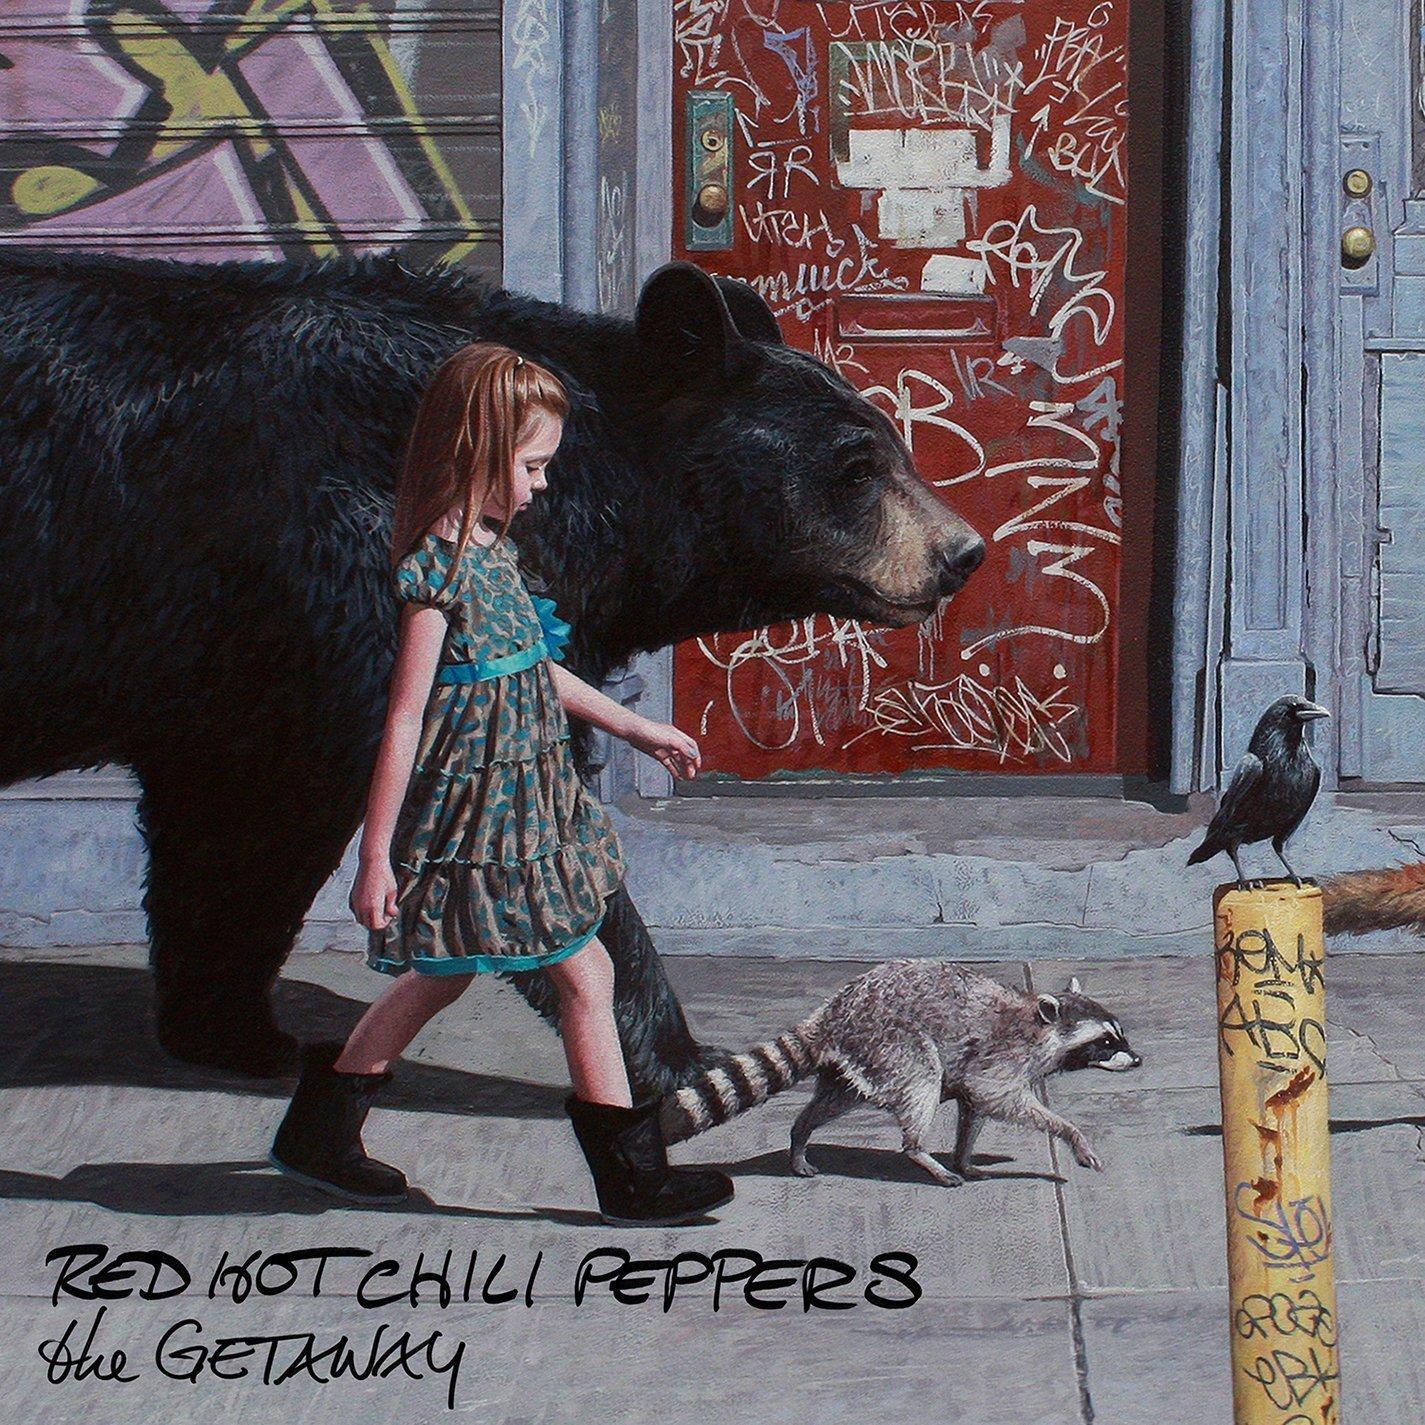 ... - und Rick Rubin ausladen: Die Chili Peppers frischen ihren Rock auf: www.musikexpress.de/reviews/red-hot-chili-peppers-the-getaway